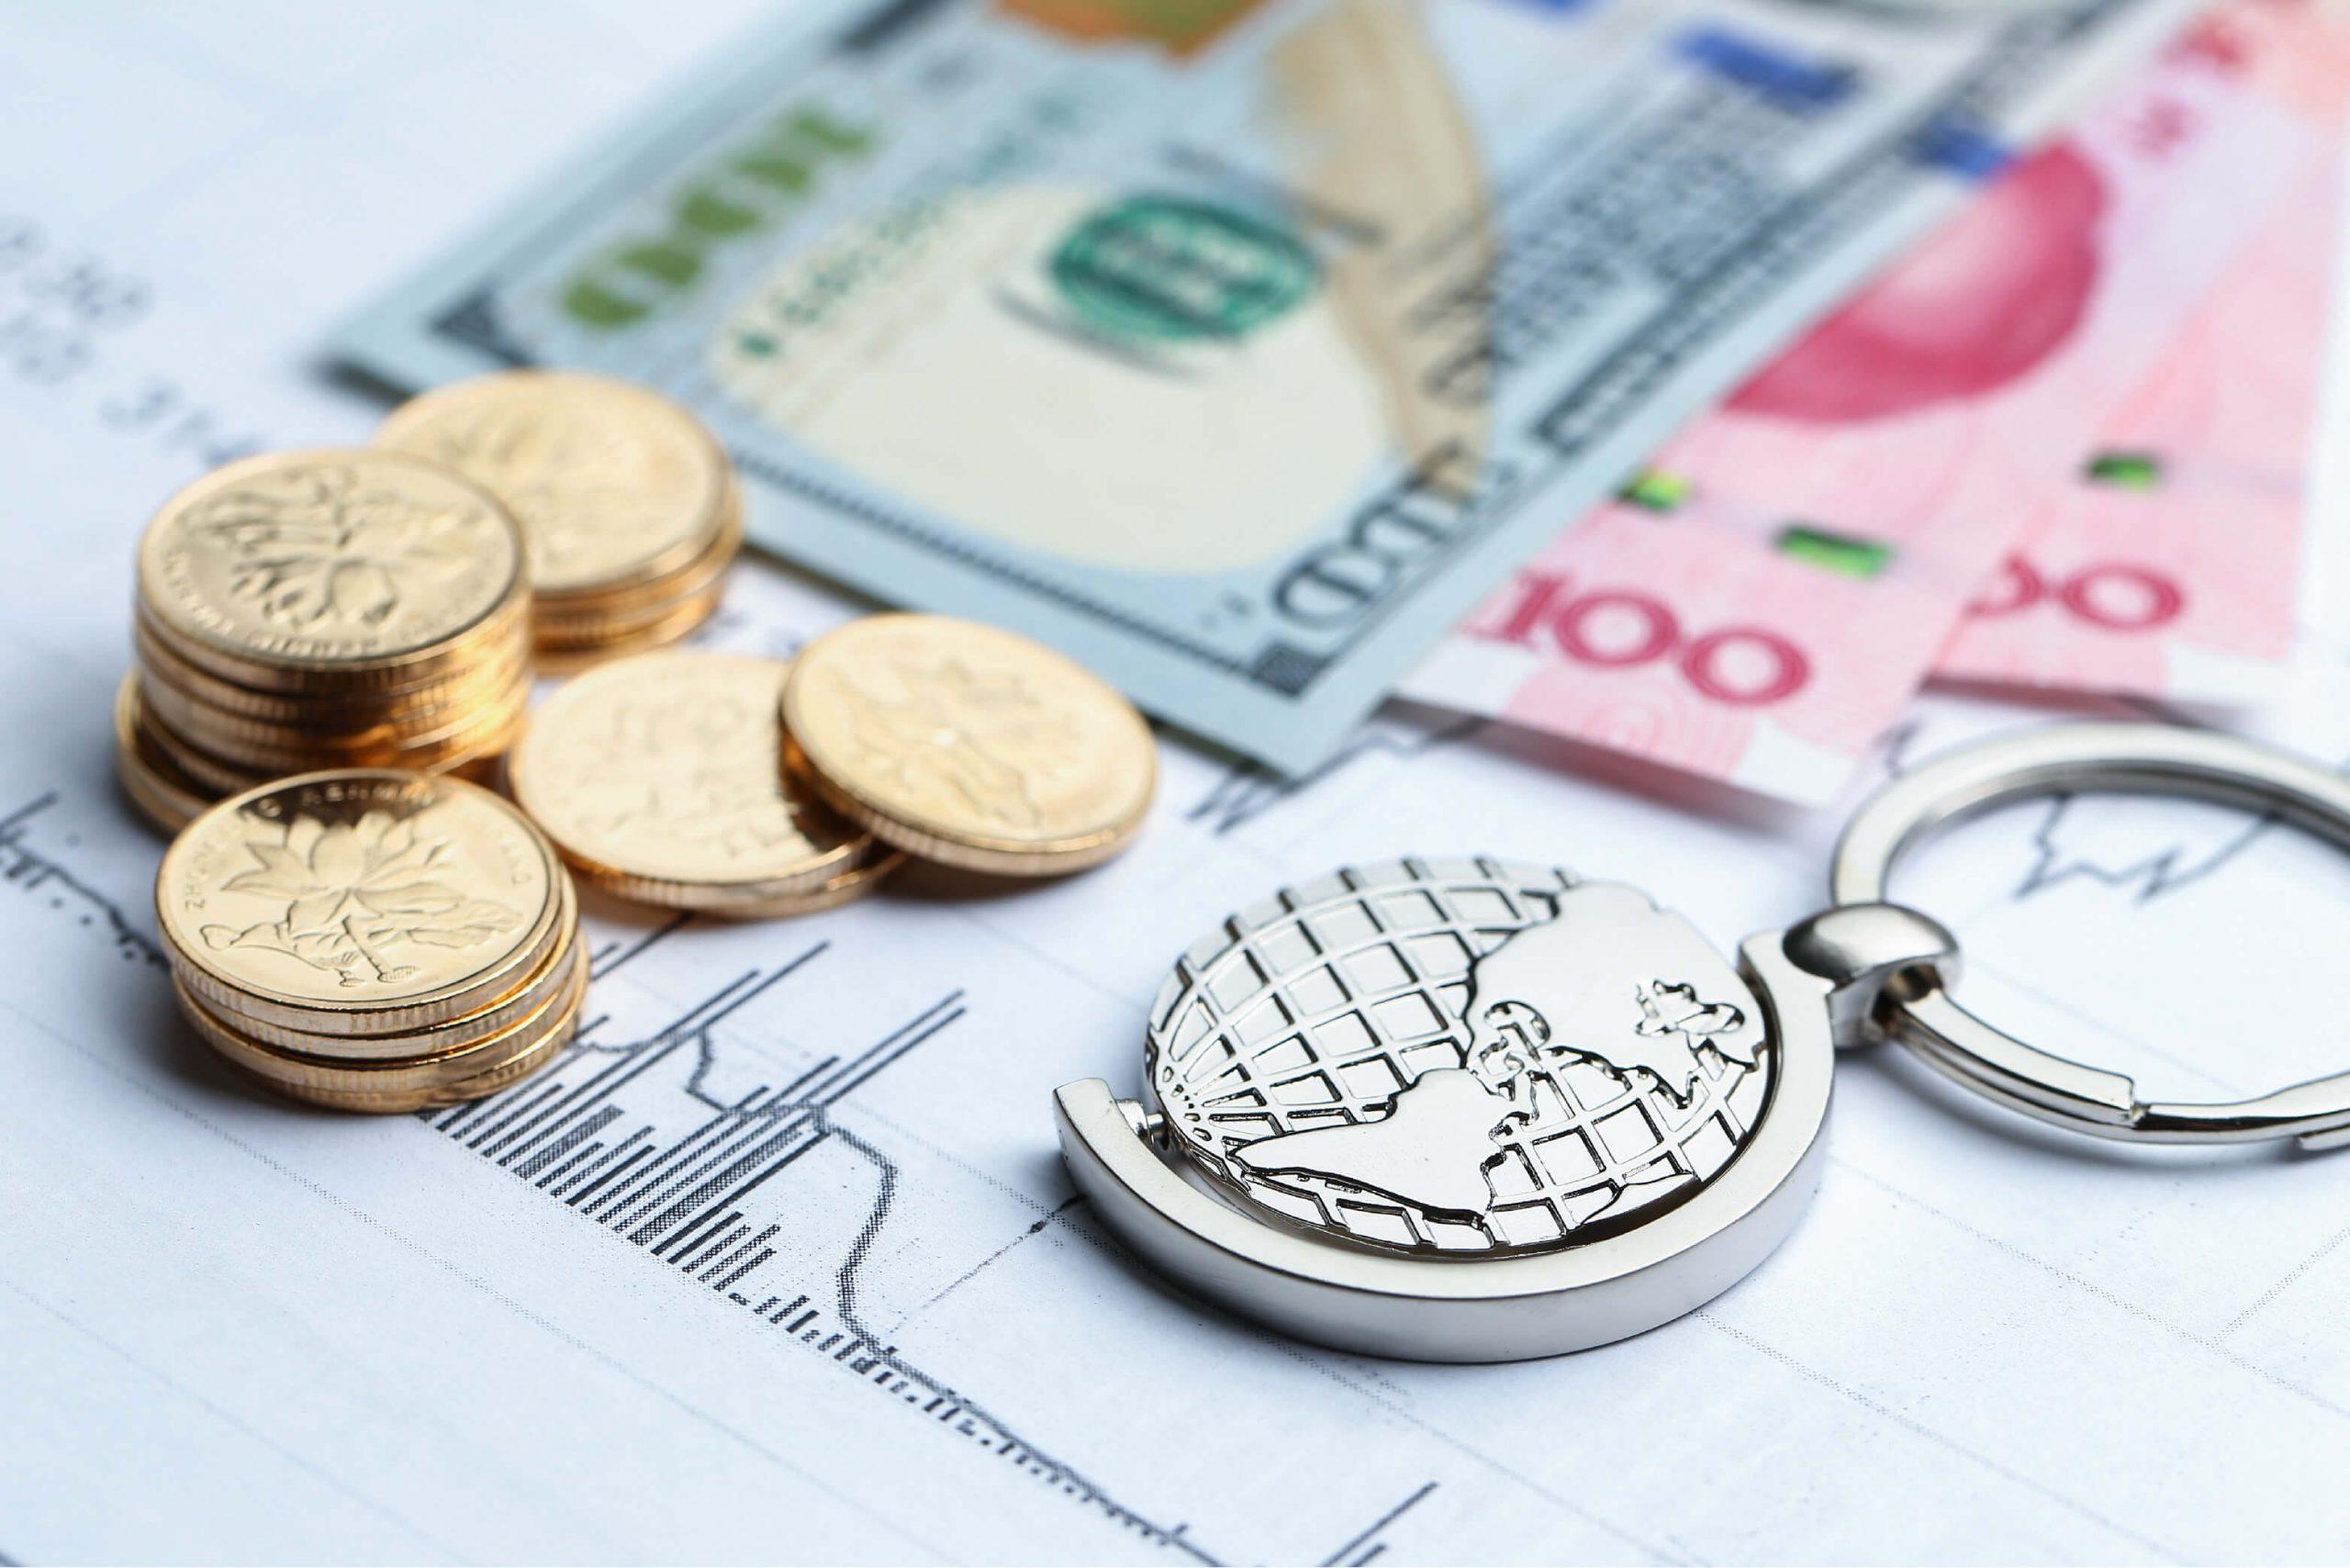 Penghambat Perdagangan Internasional